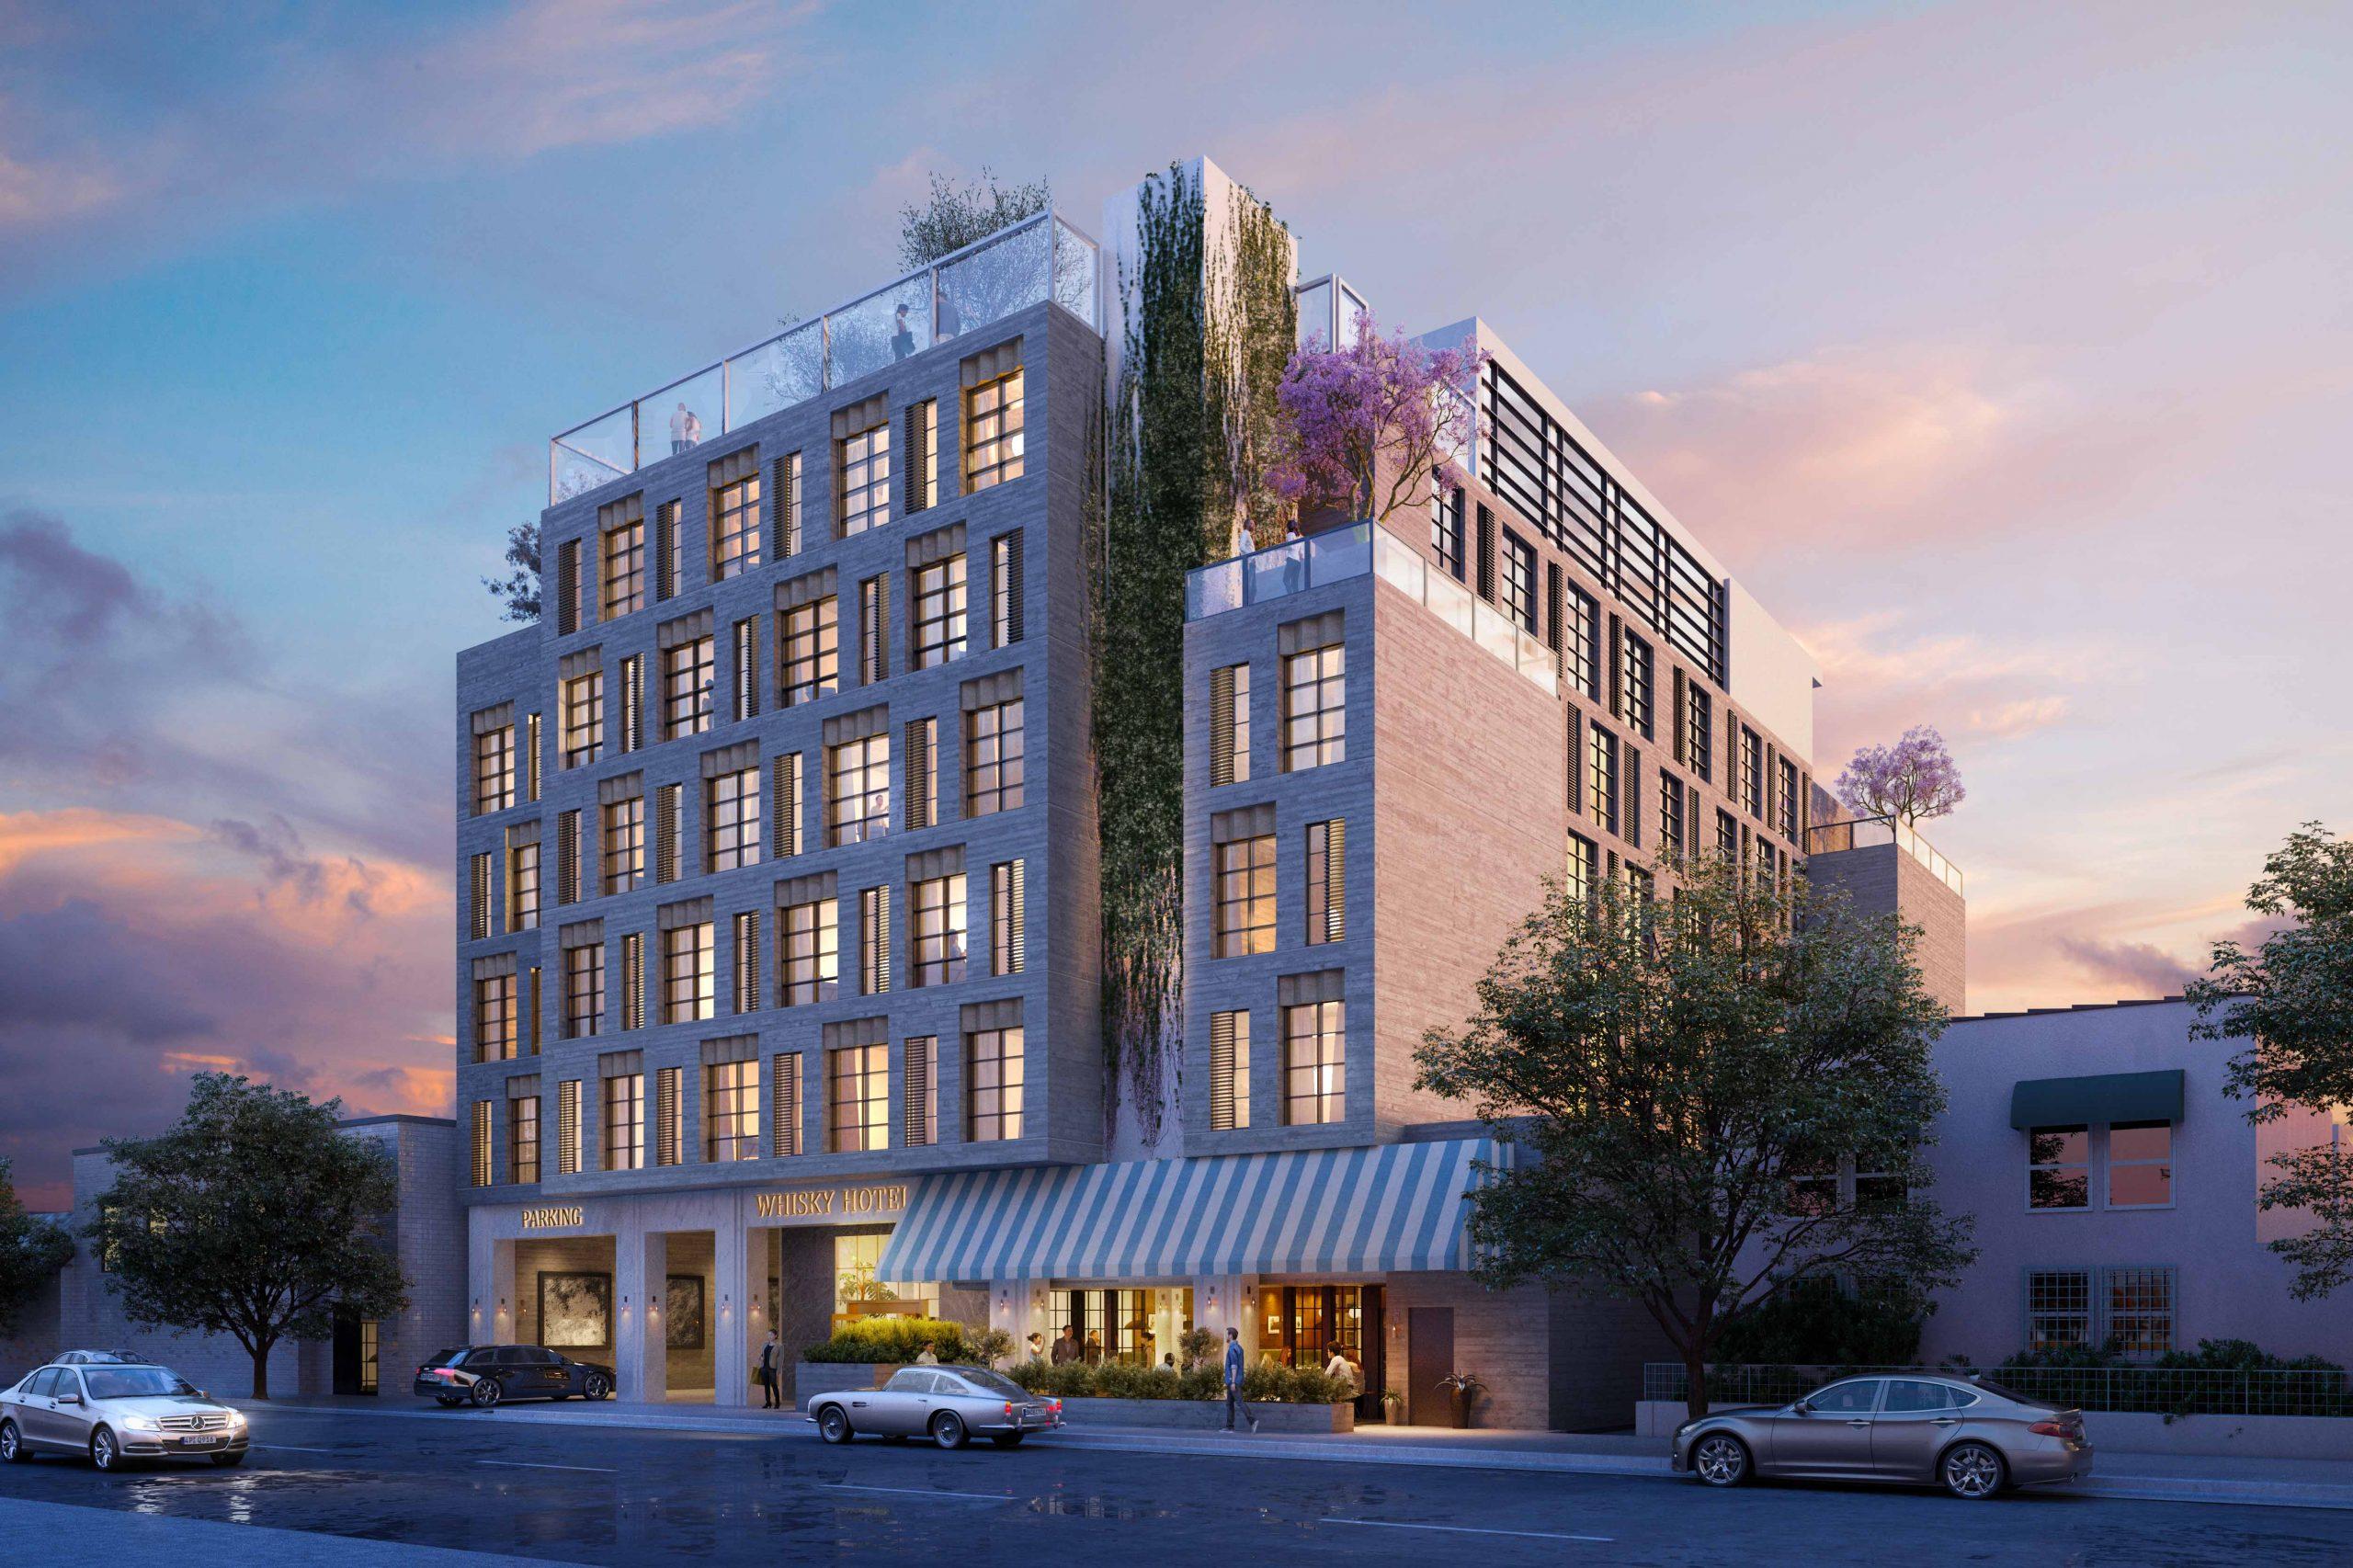 Whisky Hotel tại Hollywood: Dự án EB-5 thỏa điều kiện TEA